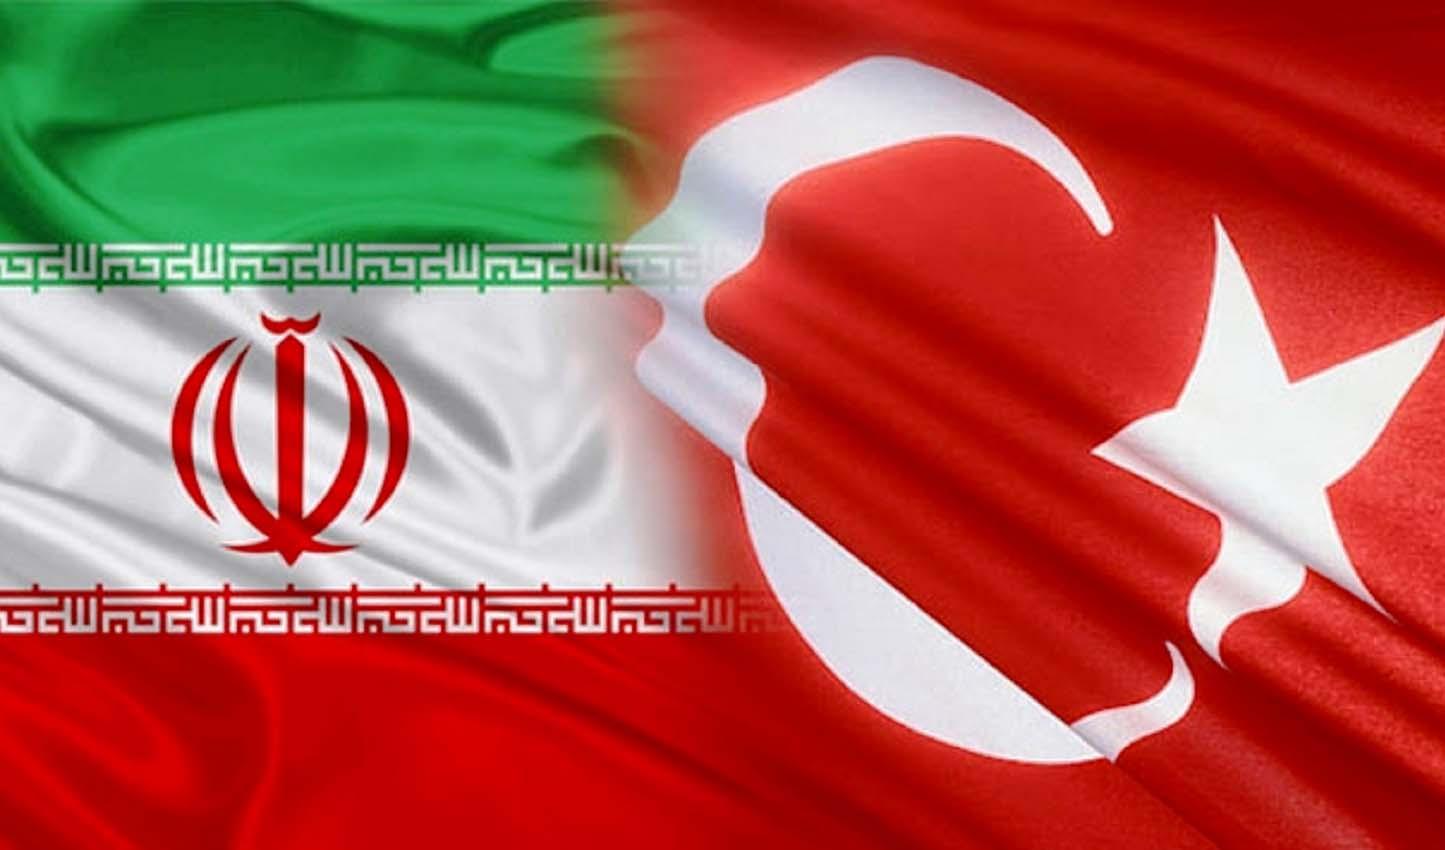 رشد ۵۳ درصدی تجارت ایران با ترکیه/ تراز به نفع ایران مثبت است